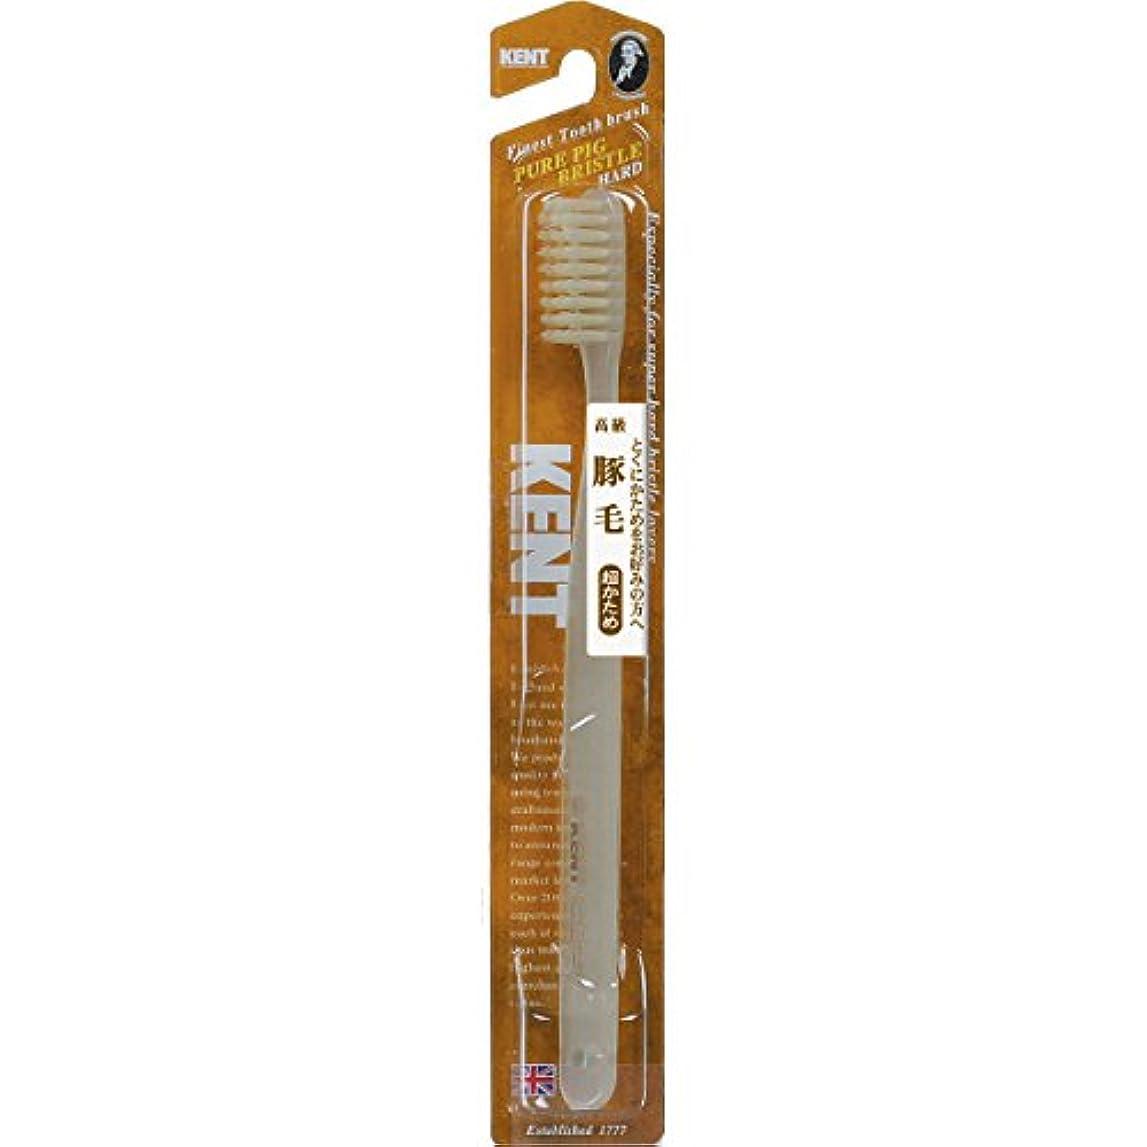 困惑したみすぼらしい単語KENT 豚毛歯ブラシ ラージヘッド 超かため KNT-2433 ×10個セット